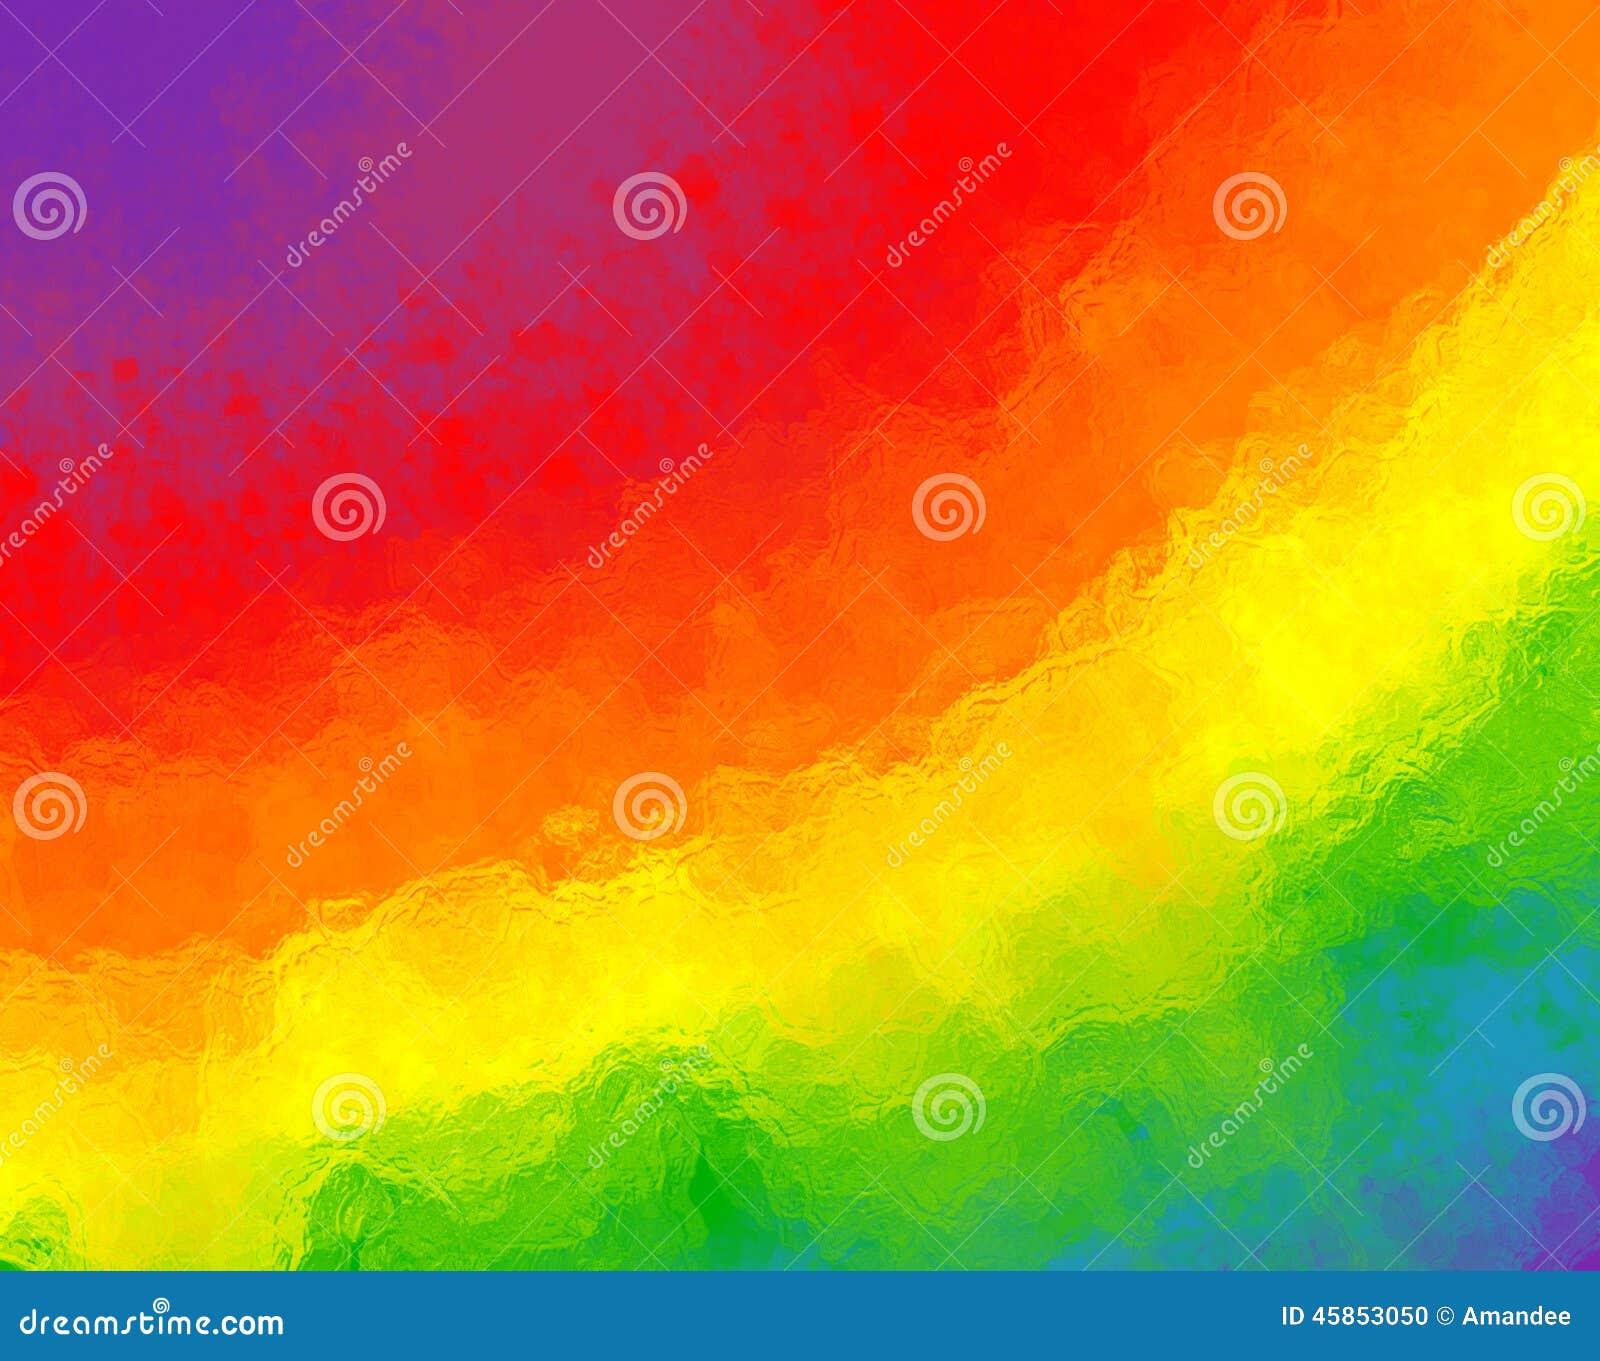 Abstrakter Regenbogenhintergrund mit unscharfer Glasbeschaffenheit und hellen Farben